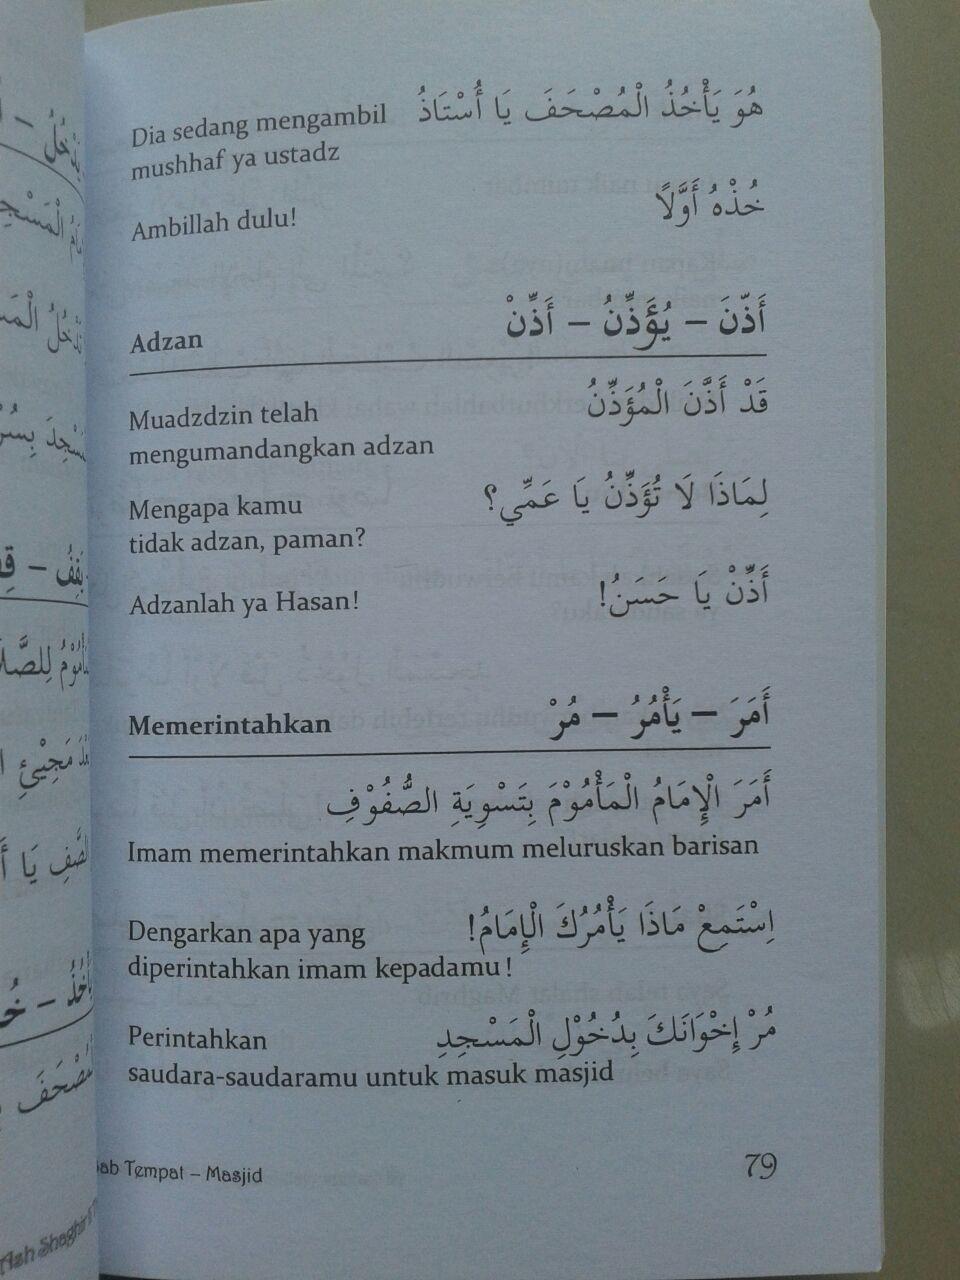 Kamus Arab Indonesia Sehari-Hari isi